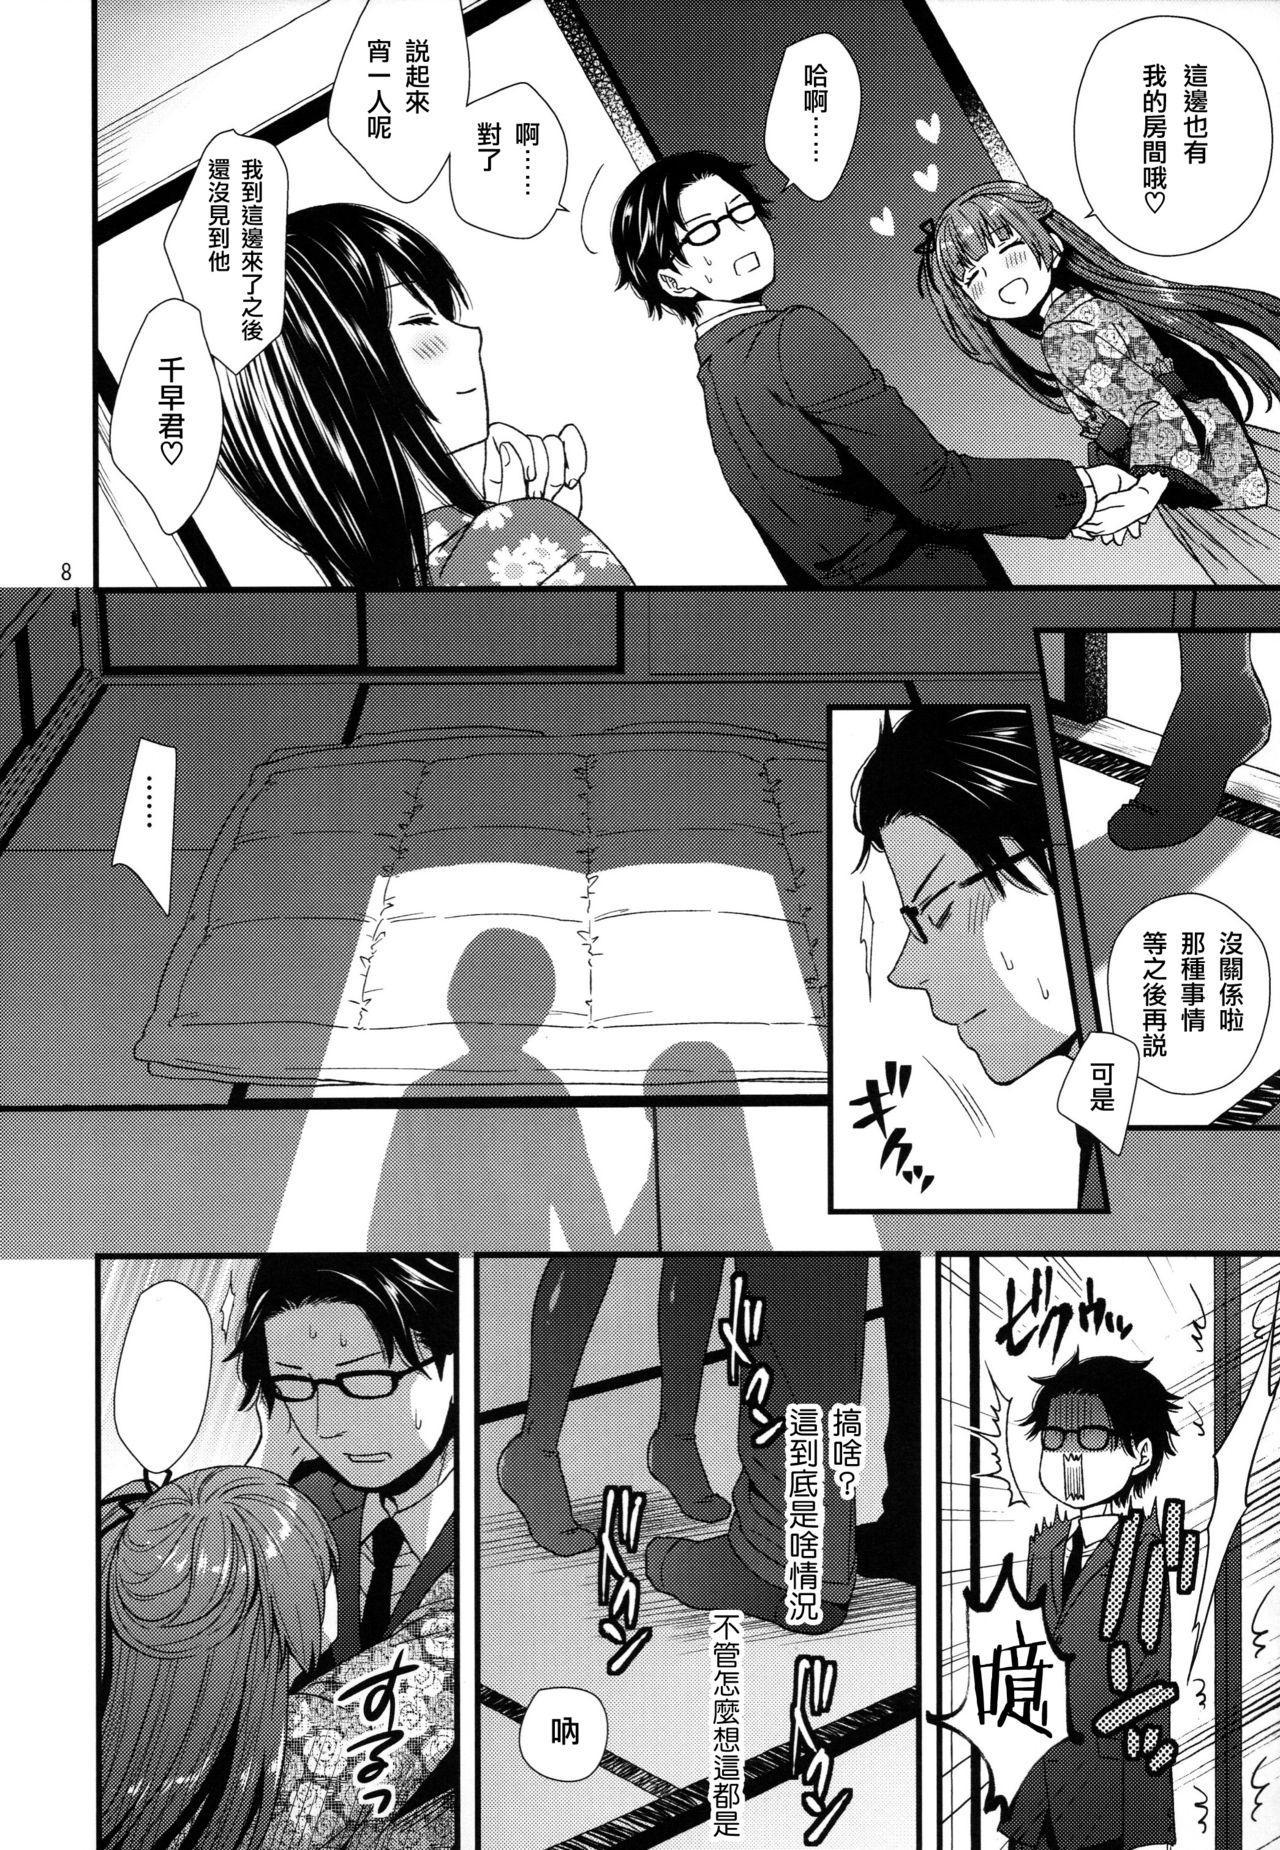 Ojou-sama wa Semeraretai 7